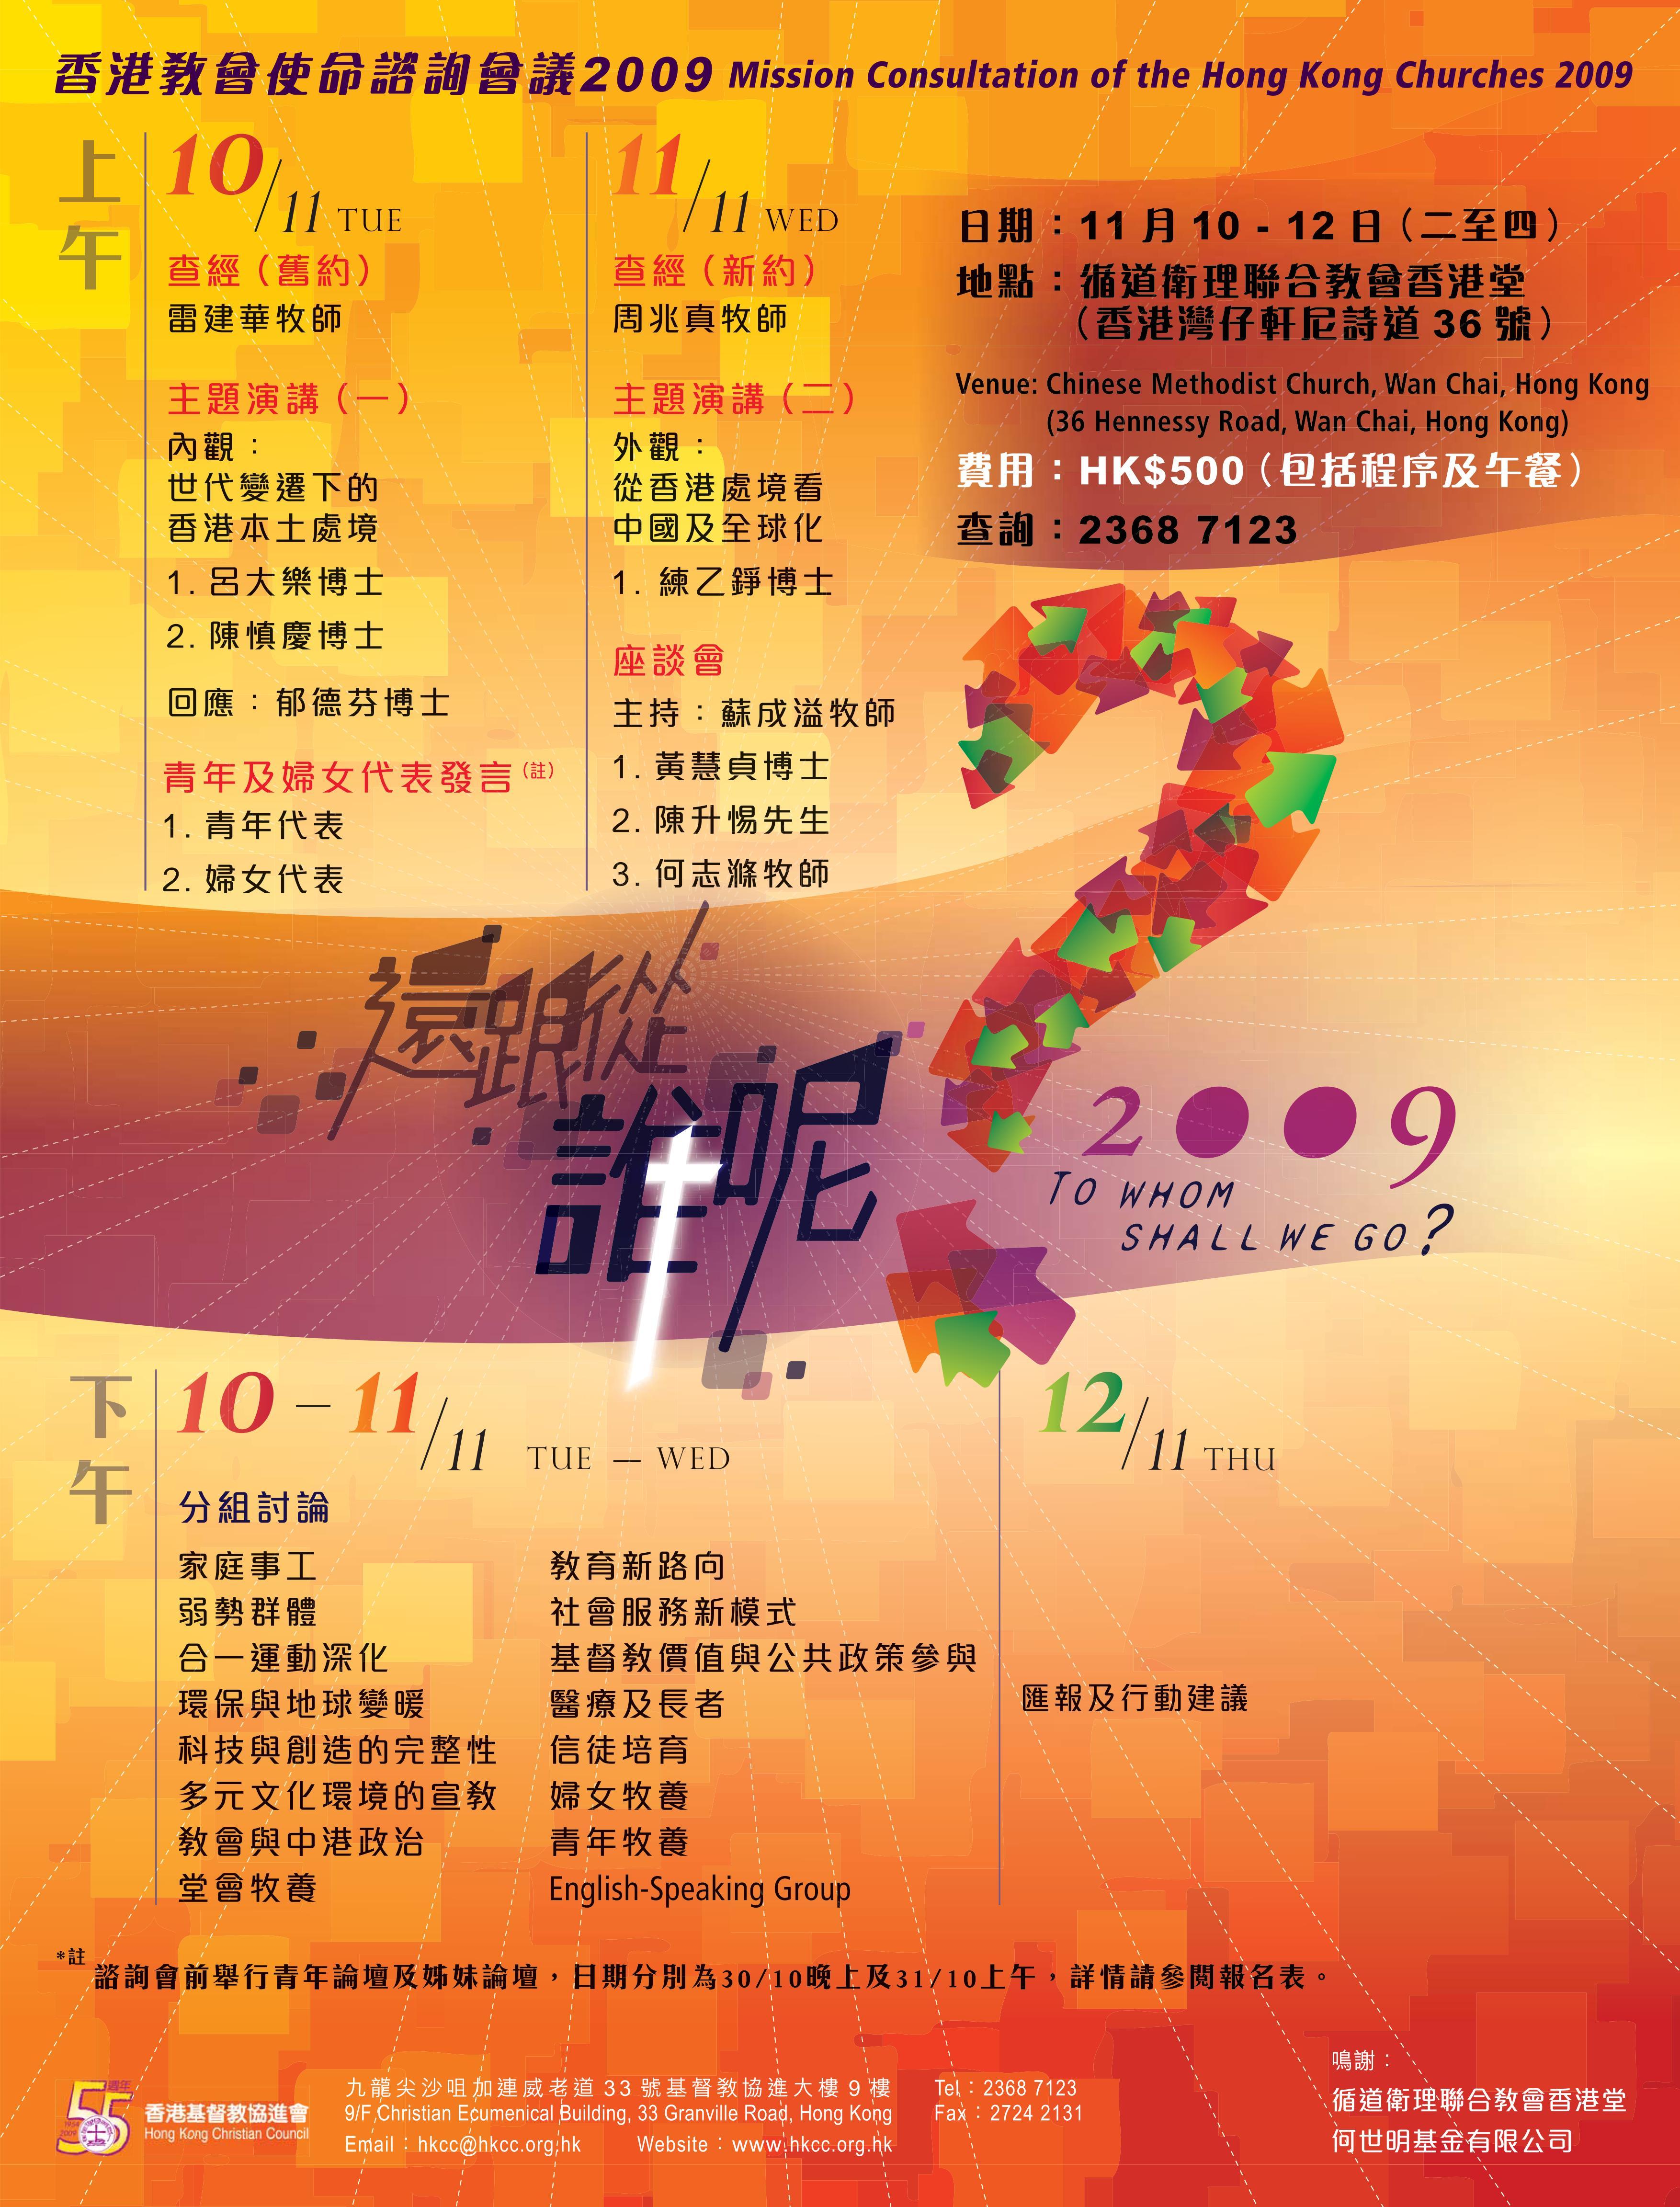 「香港教会使命谘询会议2009」号外!